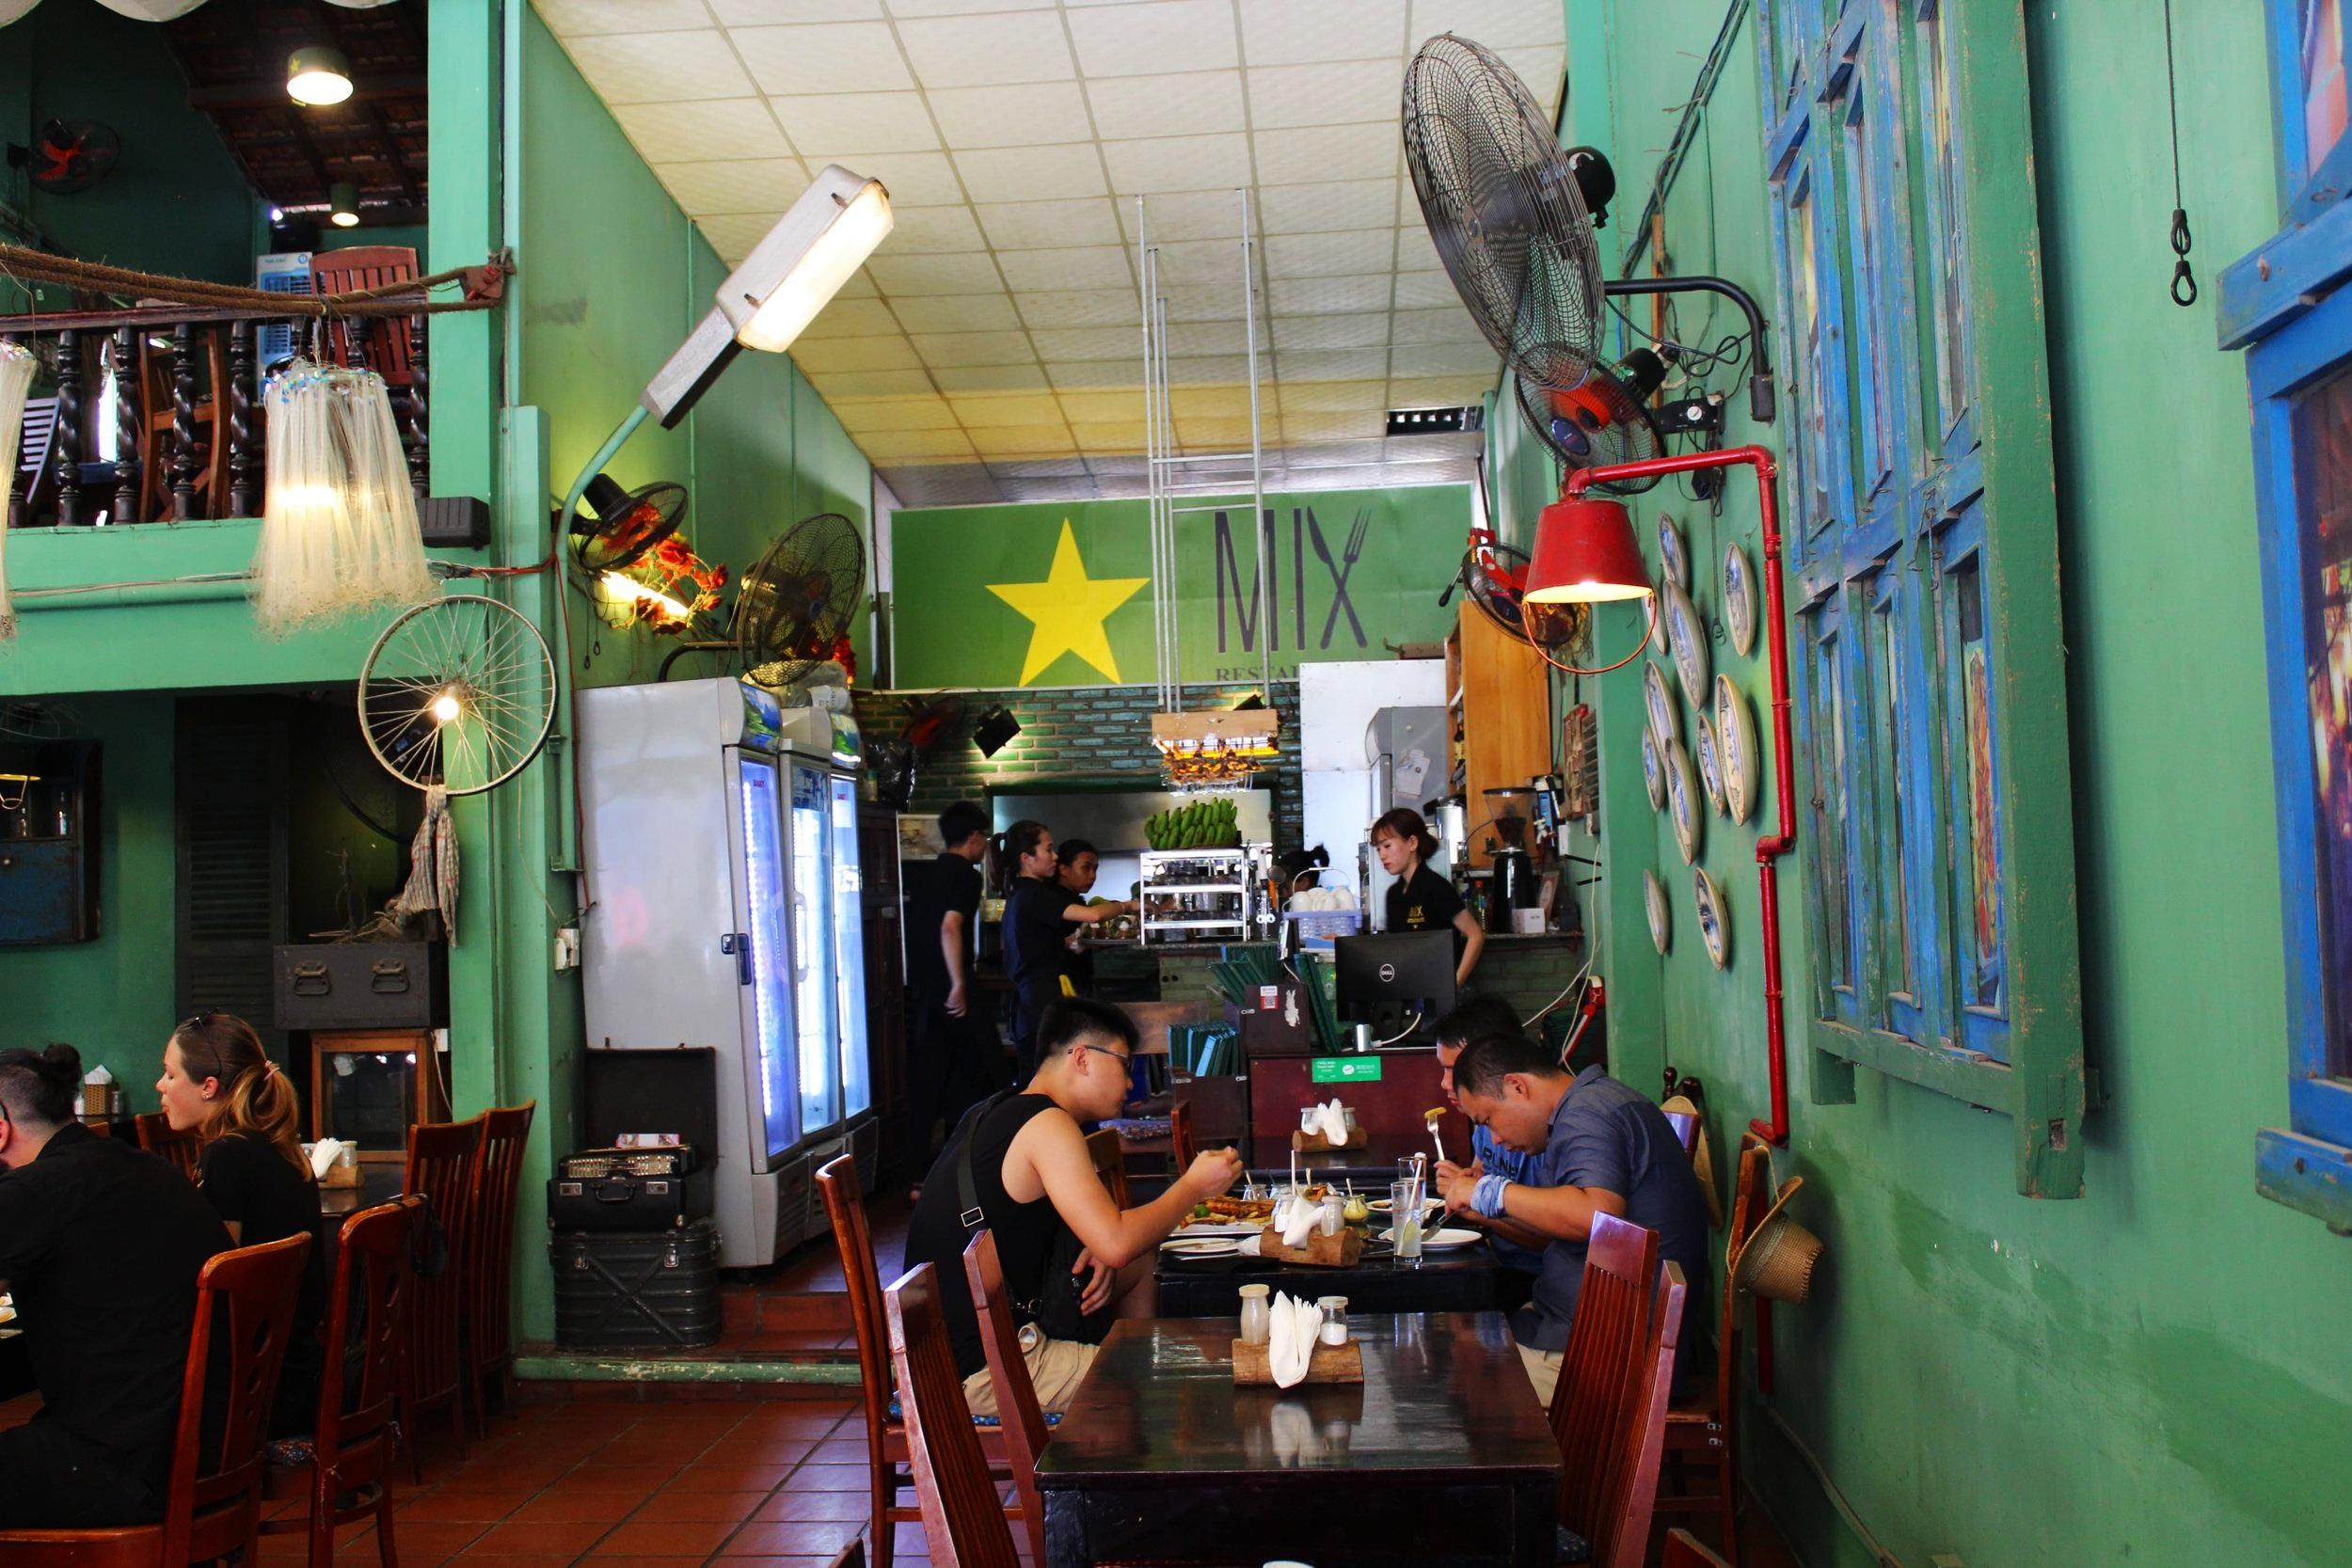 Interior of Mix Nha Trang